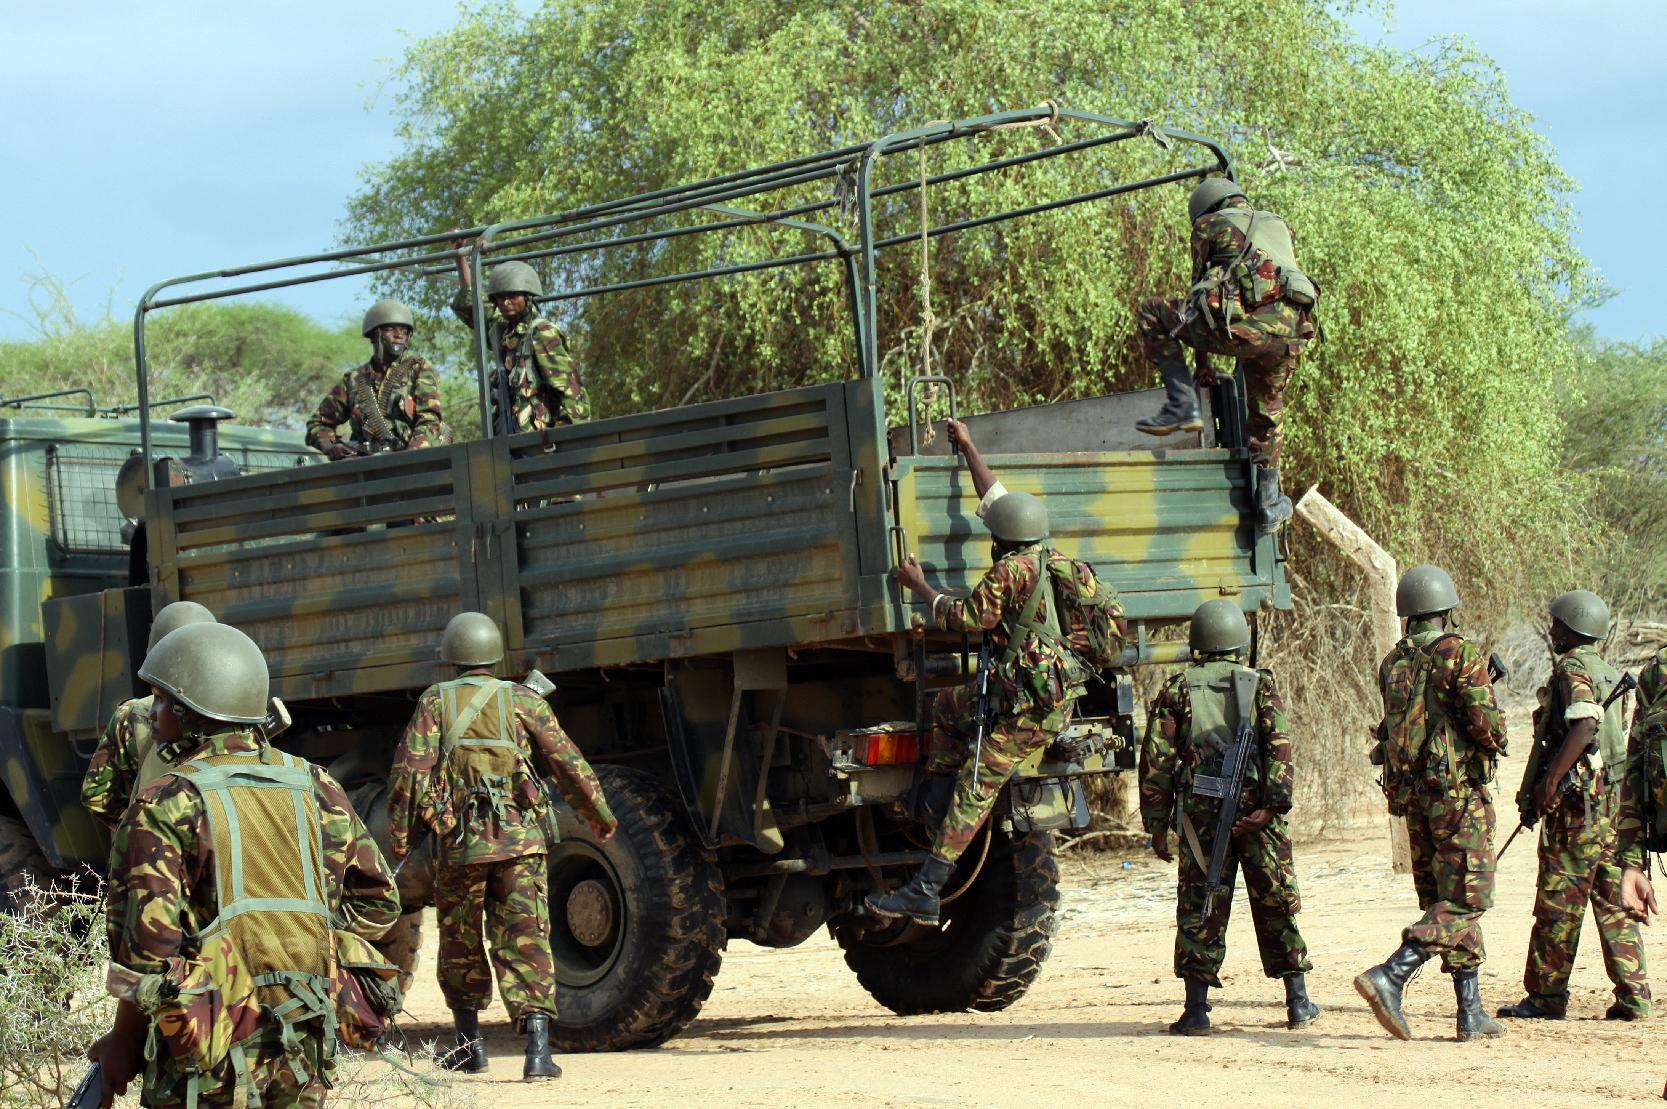 هل انت قناص؟ - صفحة 2 Kenya-soldiers-military-somalia